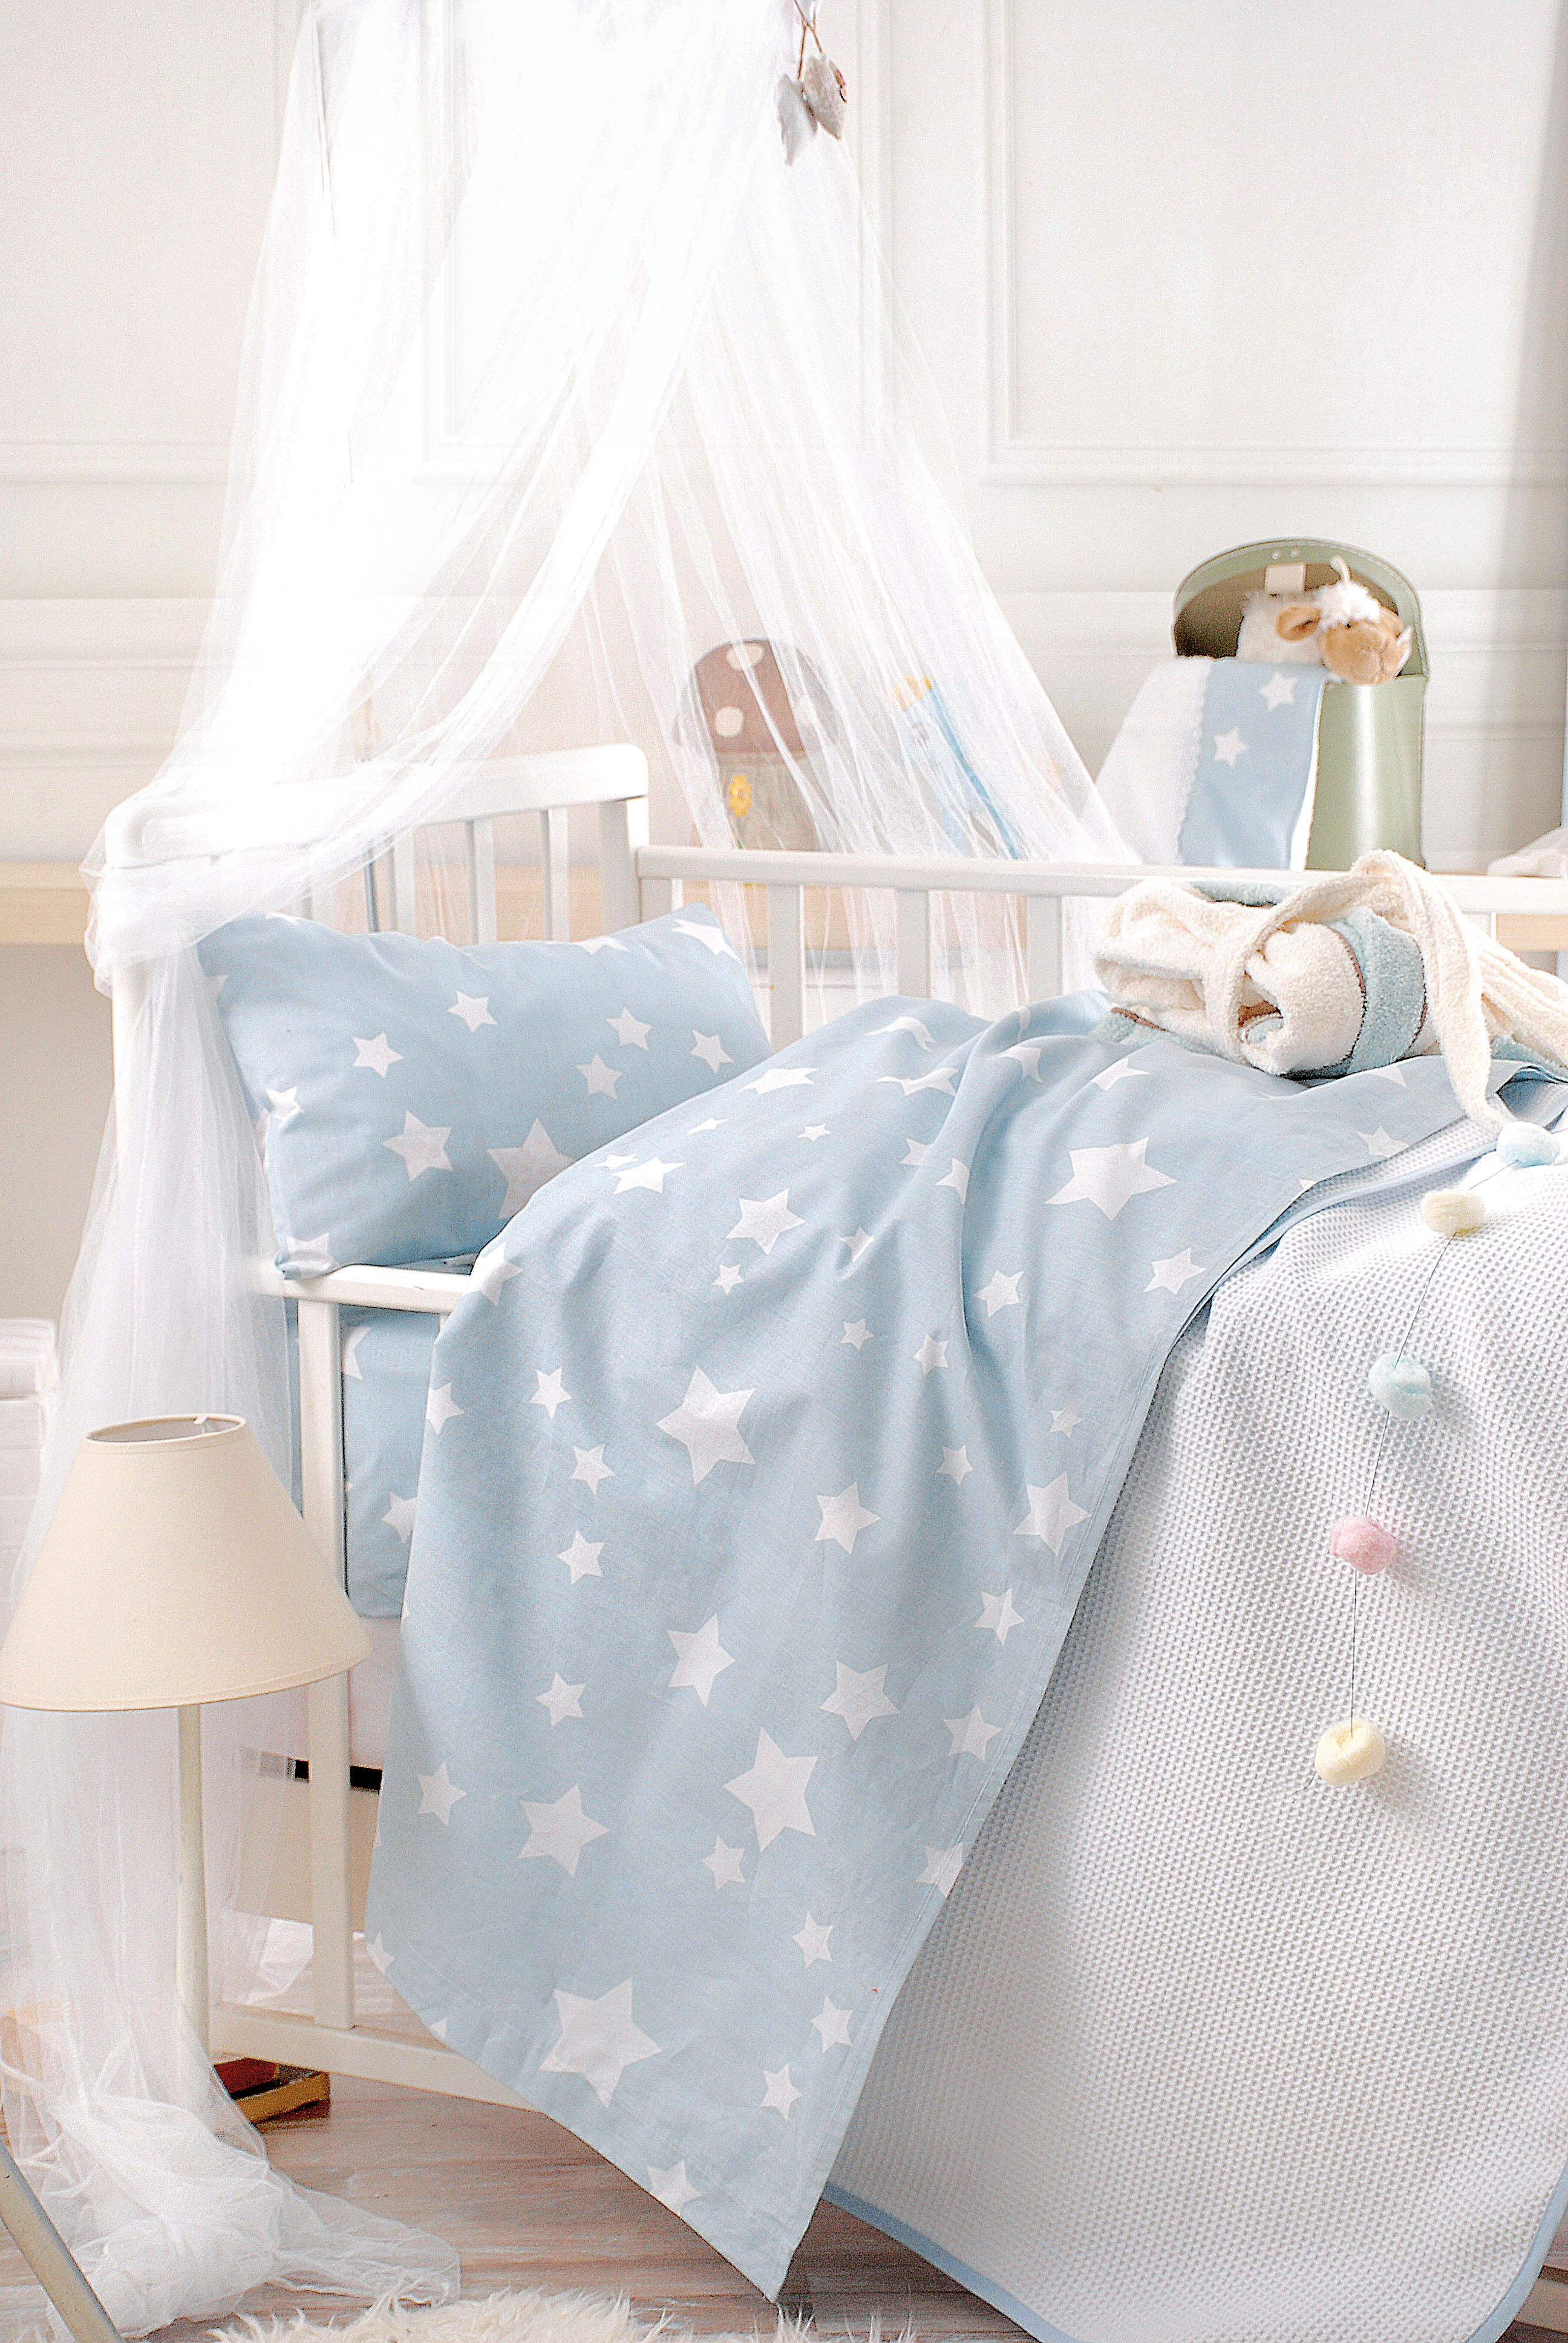 Πάπλωμα bebe STARDUST CIEL, RYTHMOS HOME προικα μωρου   βρεφικά παπλώματα